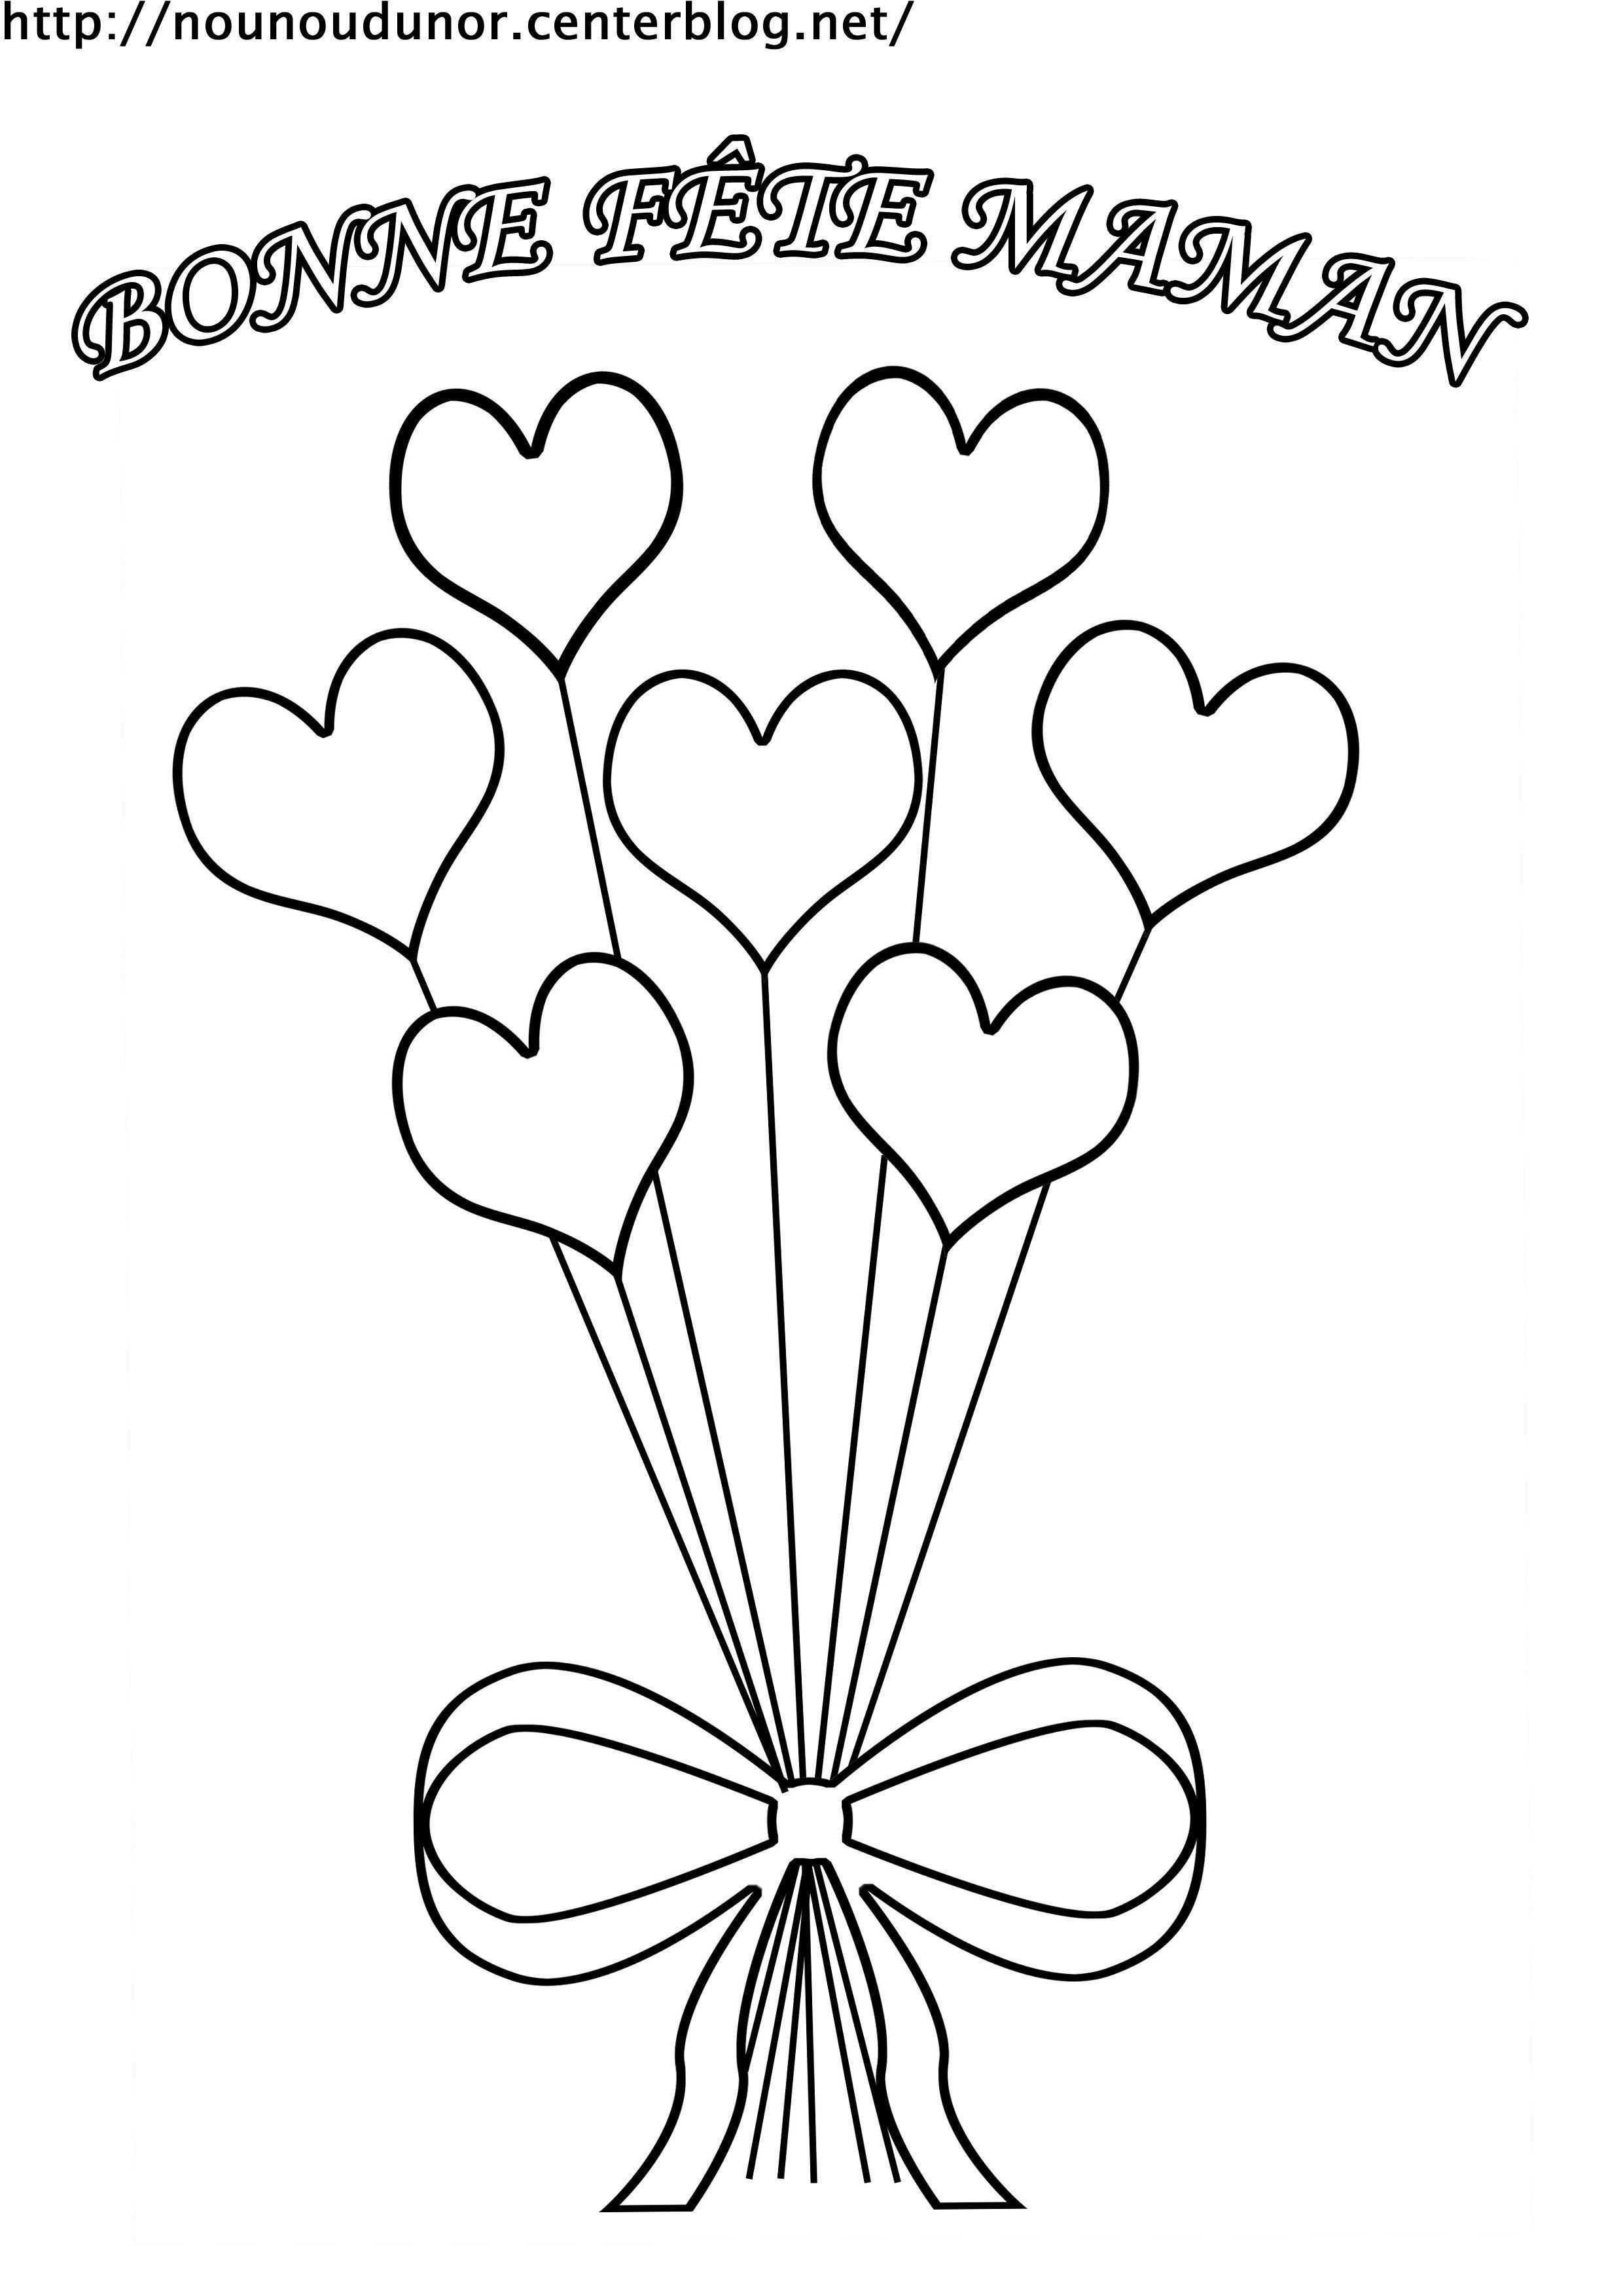 Coloriage Bouquet De Coeur Bonne Fête Maman dedans Coloriage Bonne Fete Mamie